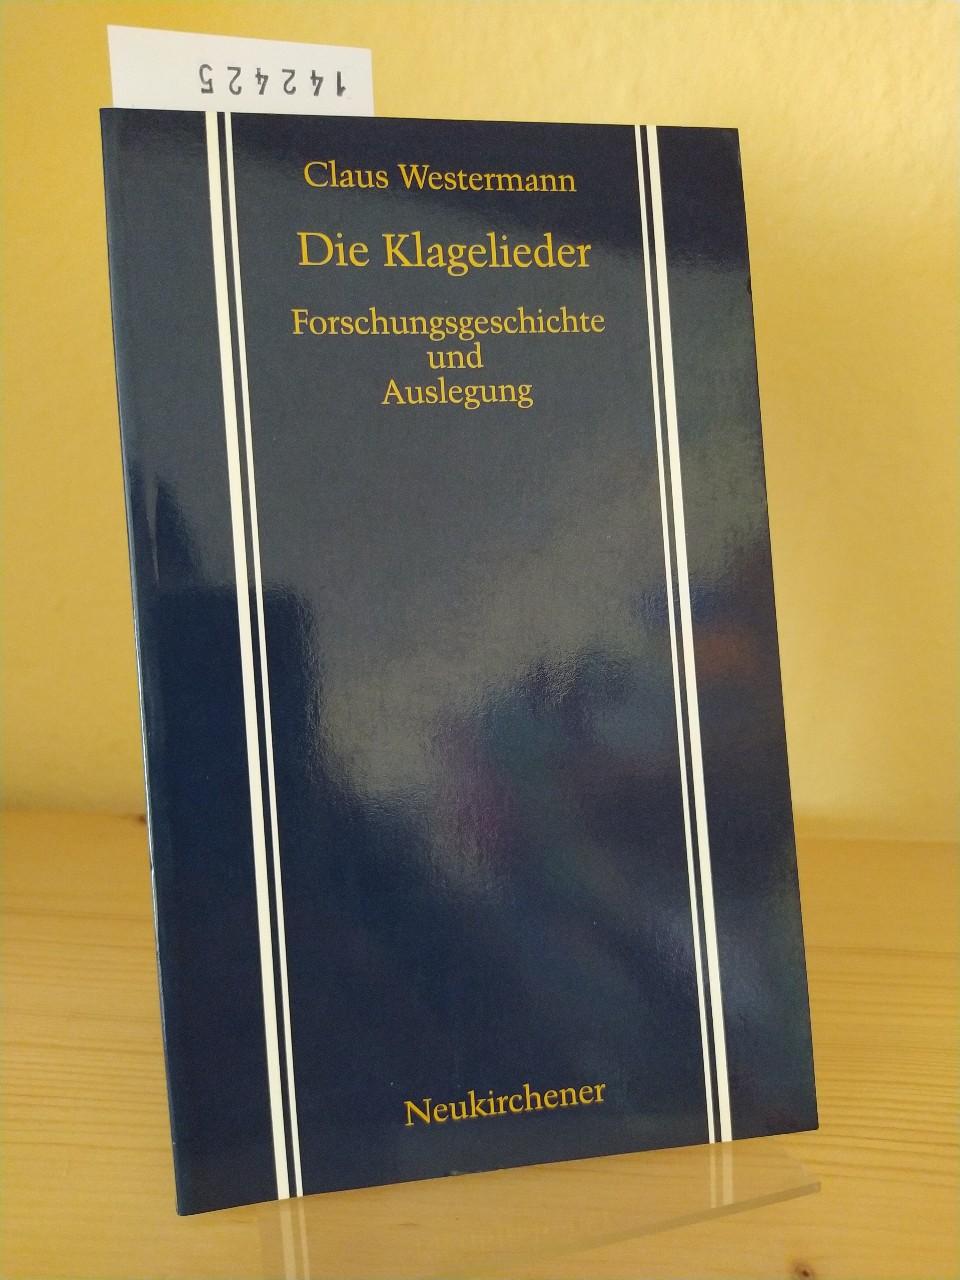 Die Klagelieder. Forschungsgeschichte und Auslegung. [Von Claus Westermann].